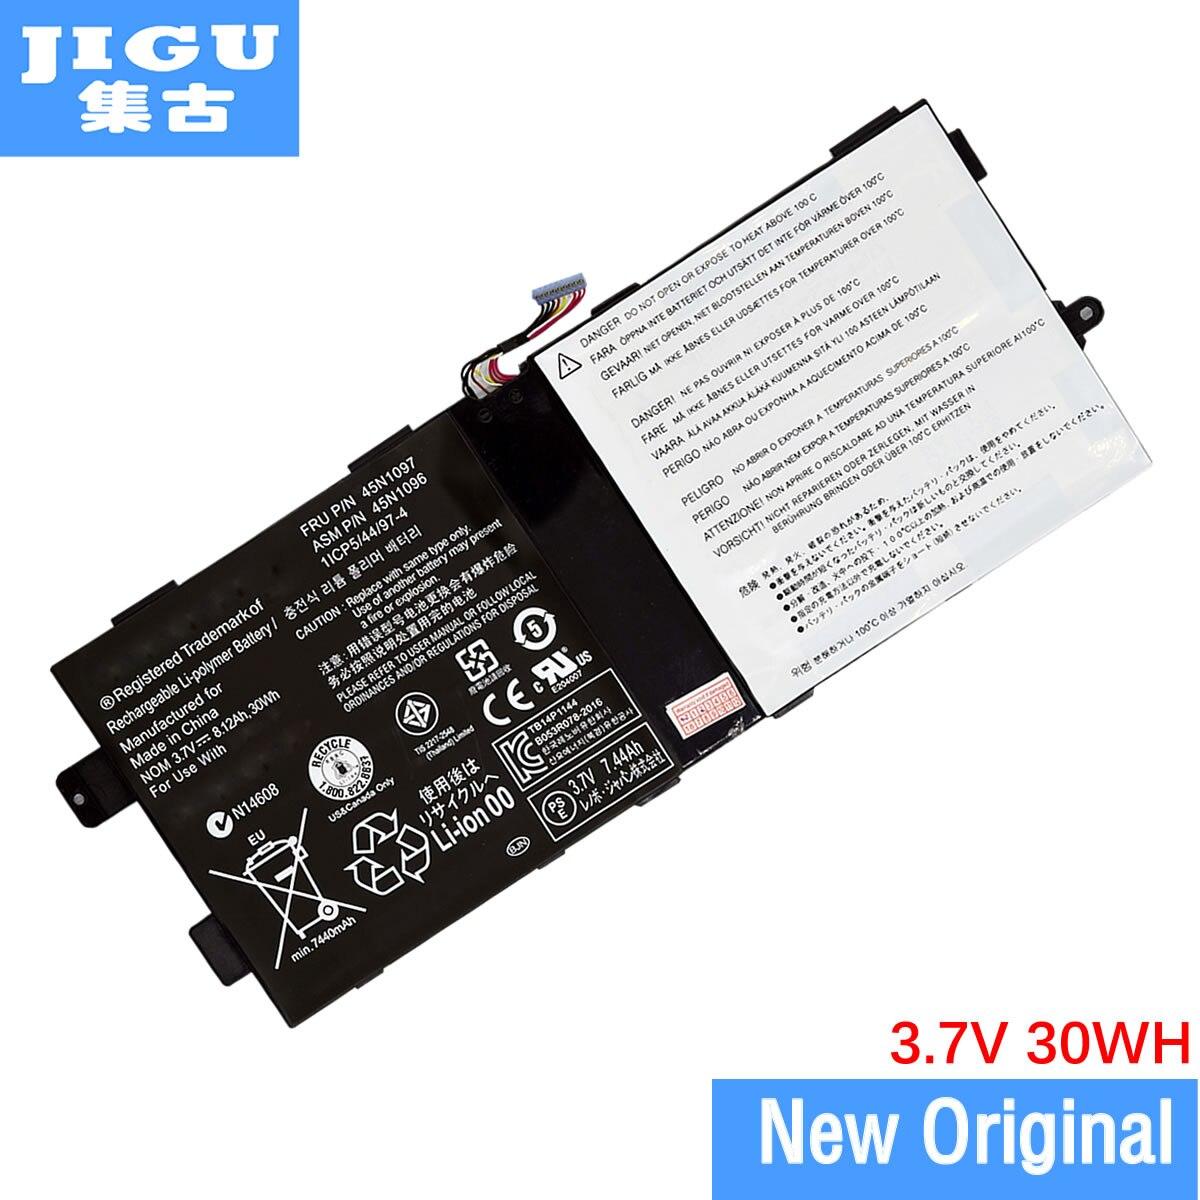 JIGU 45N1096 45N1098 45N1720 45N1097 45N1099 45N1721 Original laptop Battery For Lenovo Tablet  2 3679-25G 2 3679-27 x220t jigu l09n8t22 l09n8y22 l09p8y22 lo9p8y22 original laptop battery for lenovo ideapad u460 14 4v 64wh